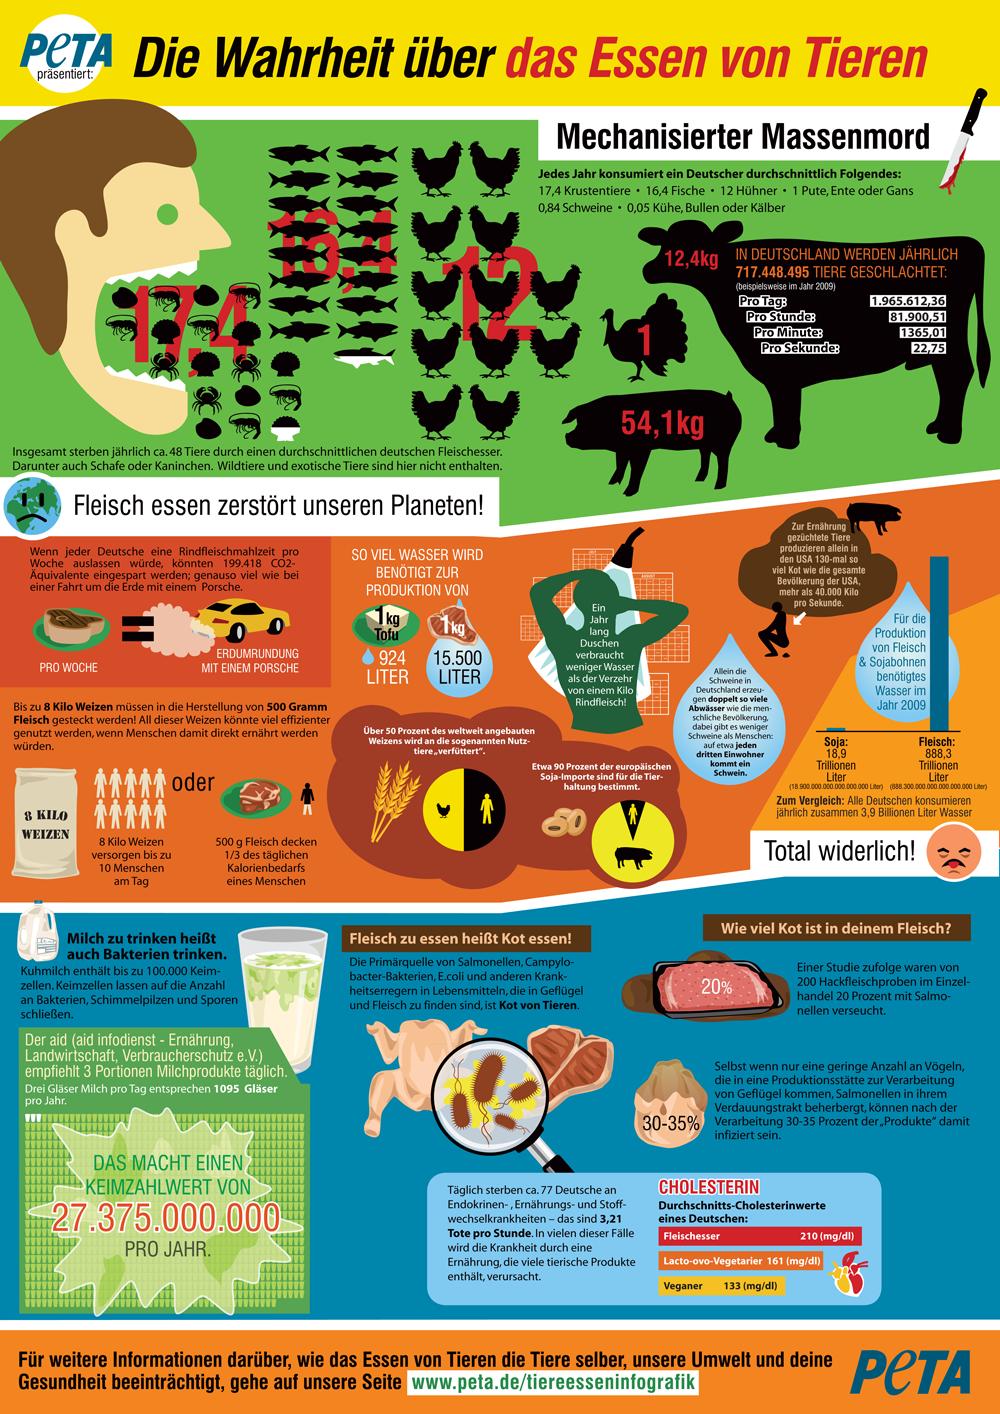 Diese Infografik zeigt die Wahrheit über das Essen von ...